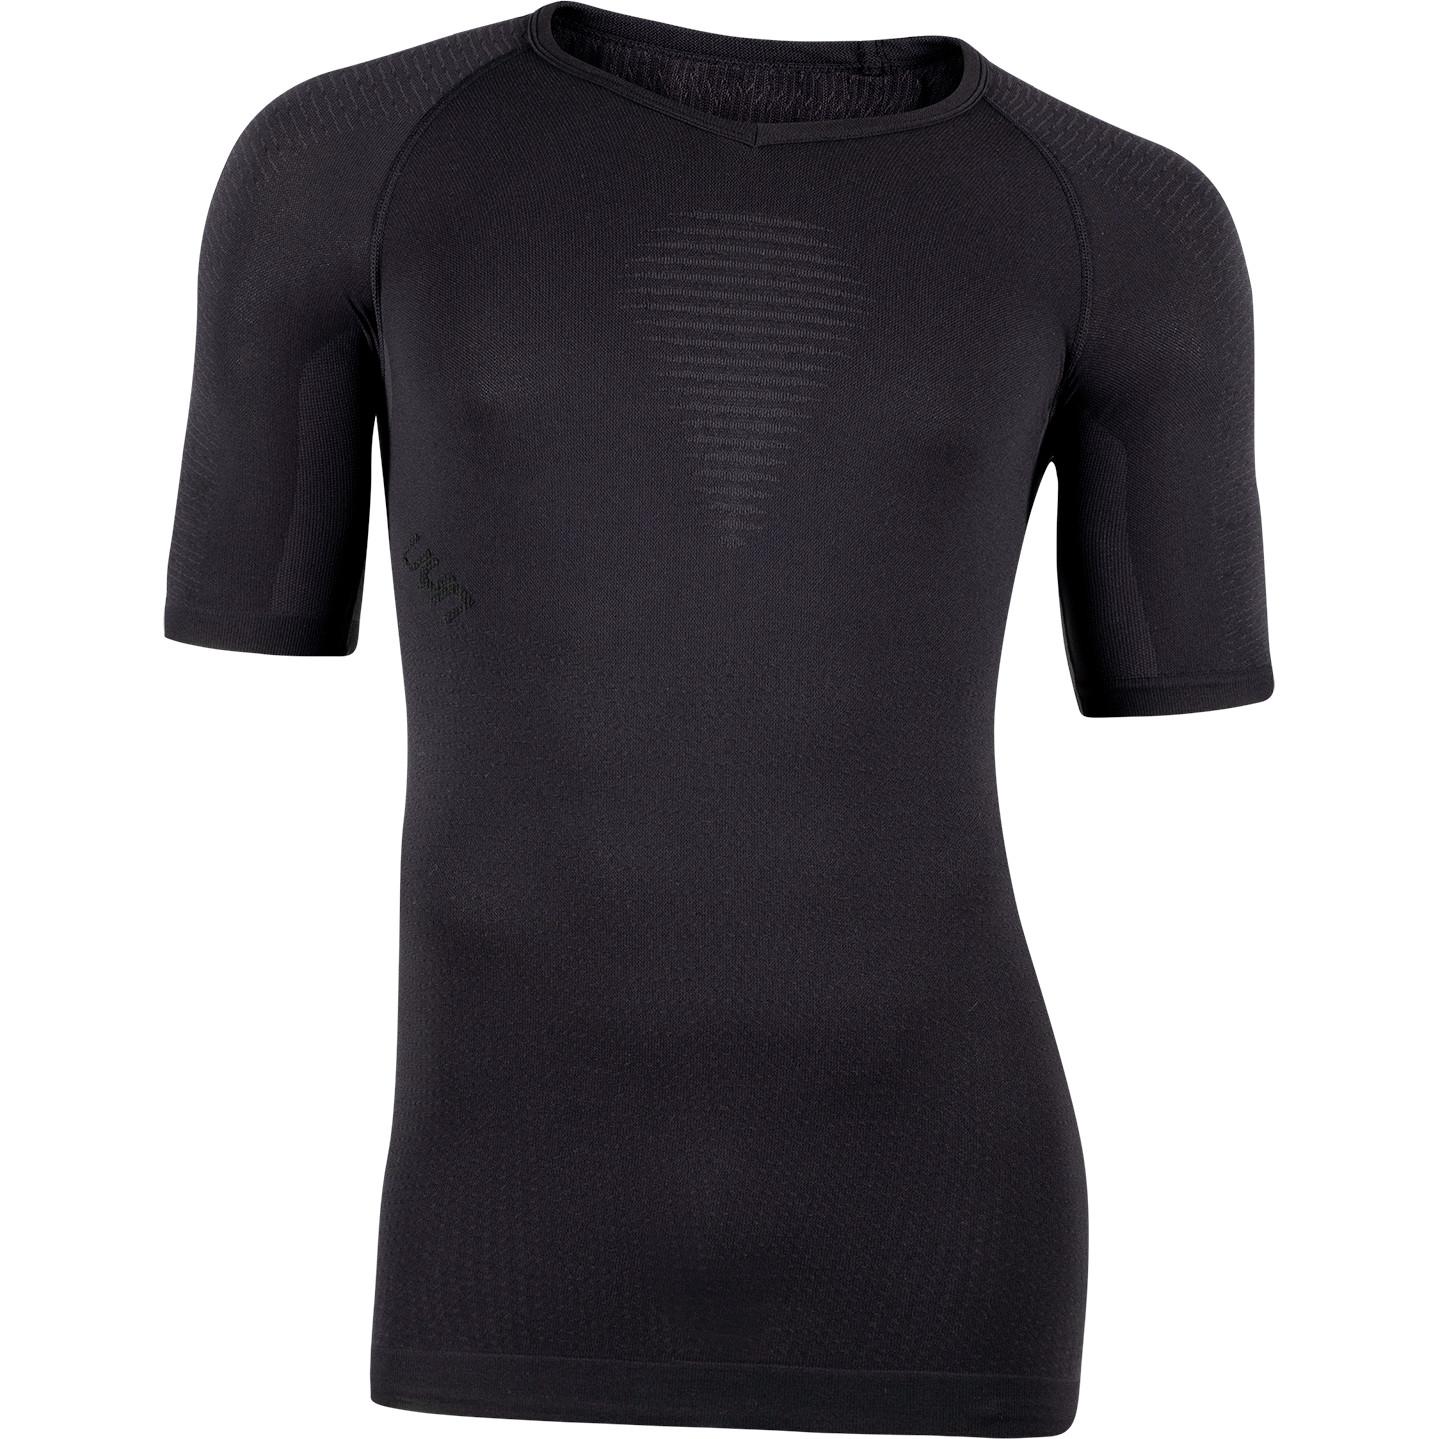 UYN Man Visyon Light 2.0 Underwear Shirt Short Sleeve V-Neck - Blackboard